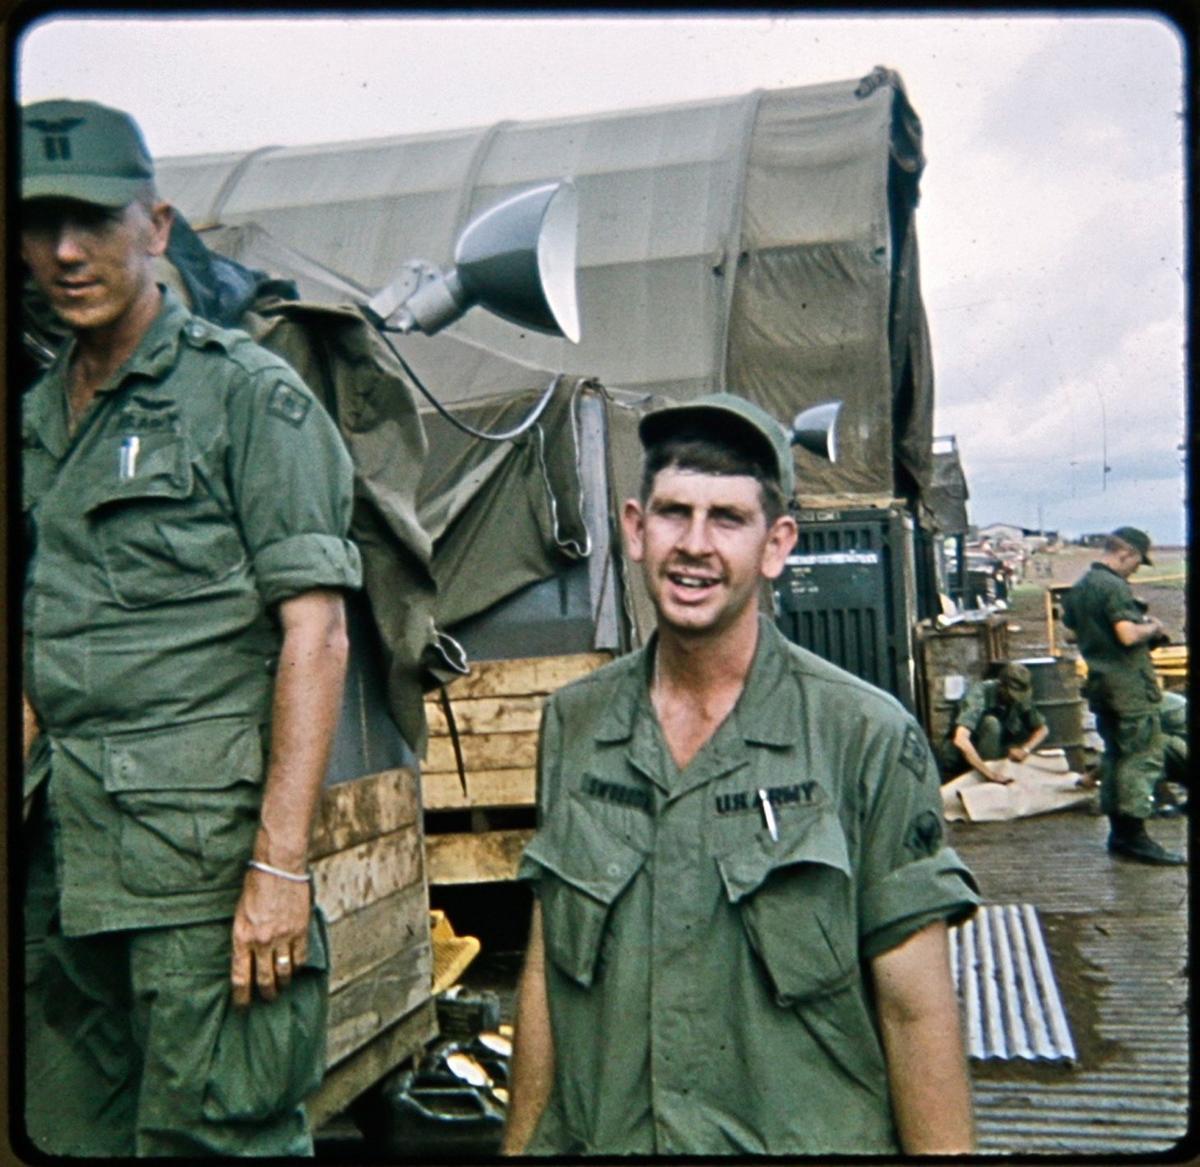 Dave Swoboda in Vietnam Veteran